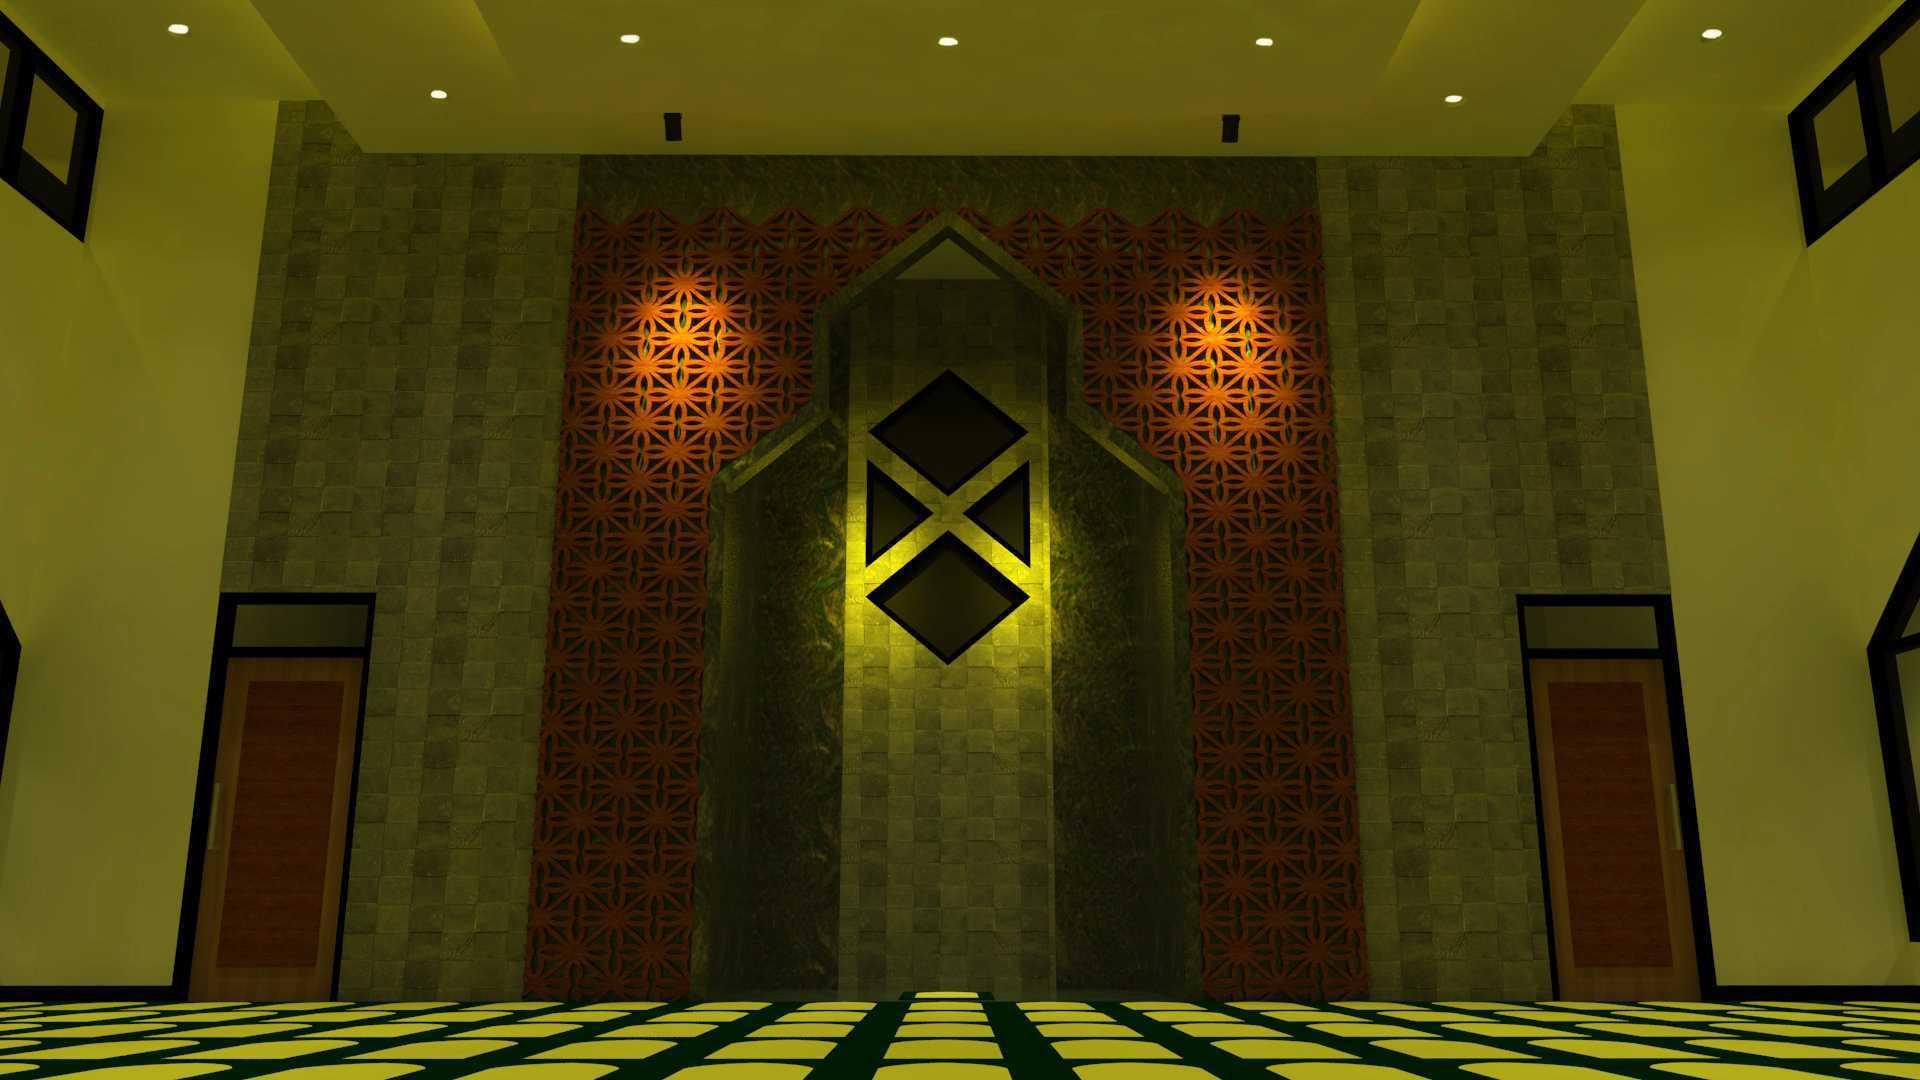 Ilham Gusti Syahadat Masjid Al-Ghaffar Malang, Kota Malang, Jawa Timur, Indonesia Malang, Kota Malang, Jawa Timur, Indonesia Interior Masjid Al-Ghaffar Modern 74382